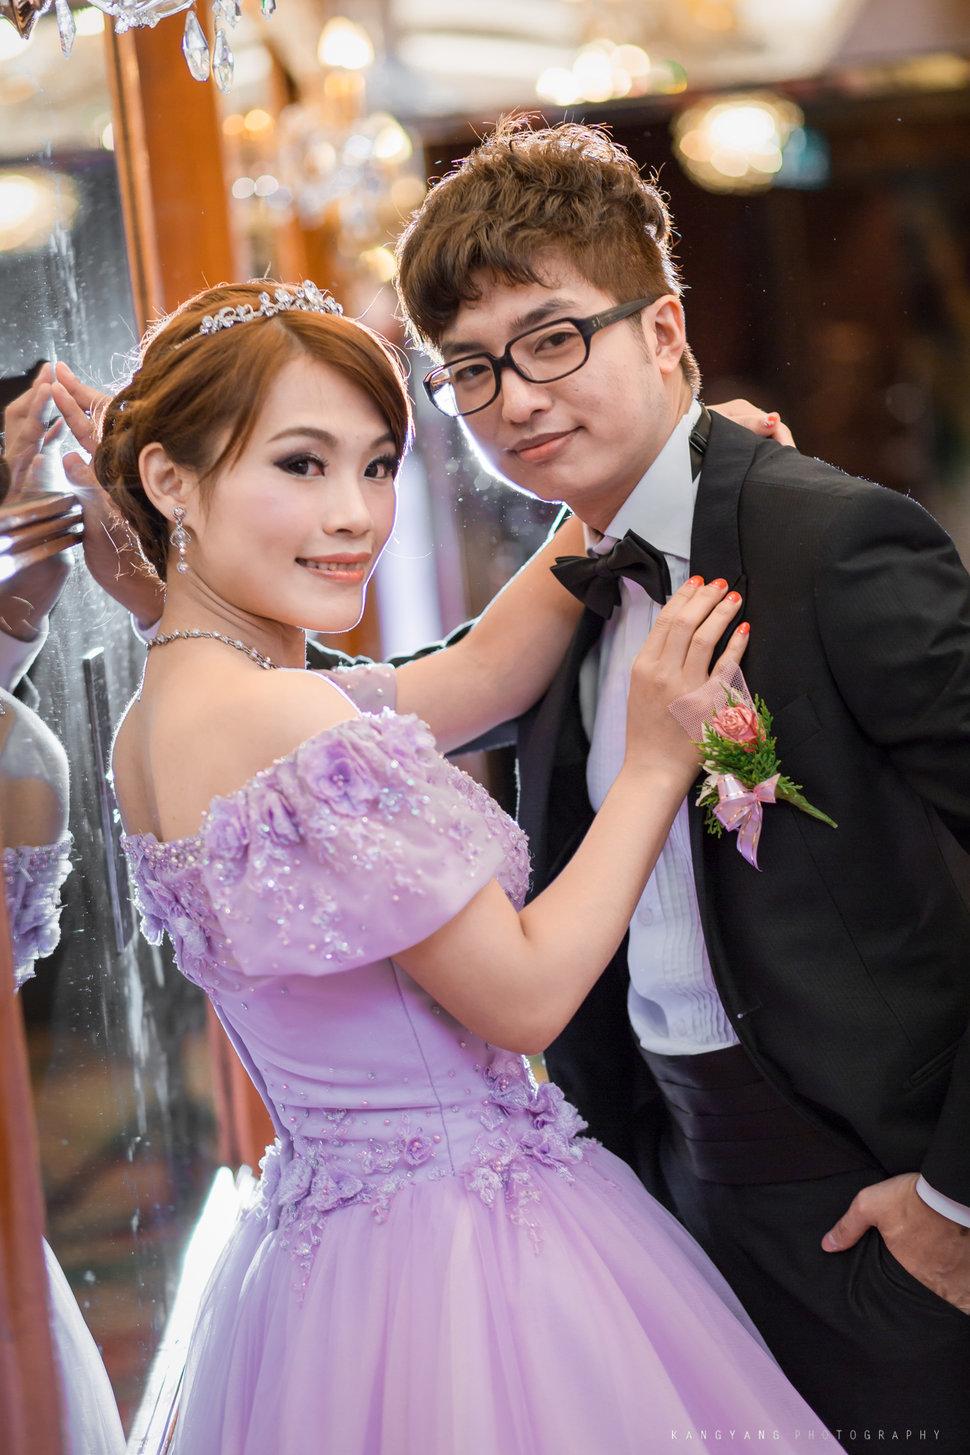 (編號:426453) - 百二婚禮工作室 - 婚攝楊康 - 結婚吧一站式婚禮服務平台